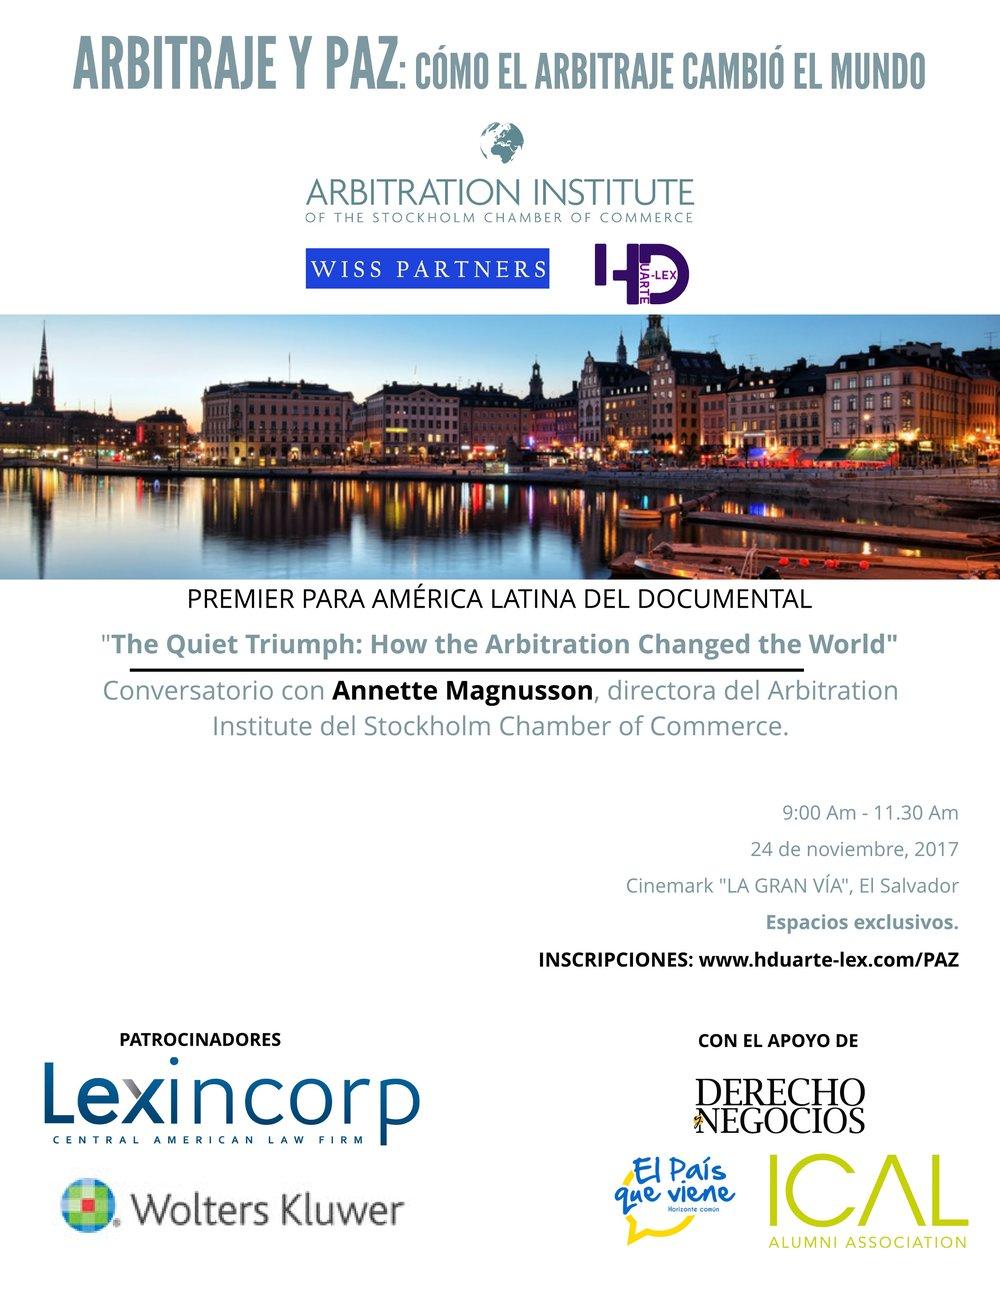 Arbitration for peace - Hduarte Lex - Manuela de la Helguera- Herman Duarte- Wiss Partners - Stockholm Chamber of Commerce